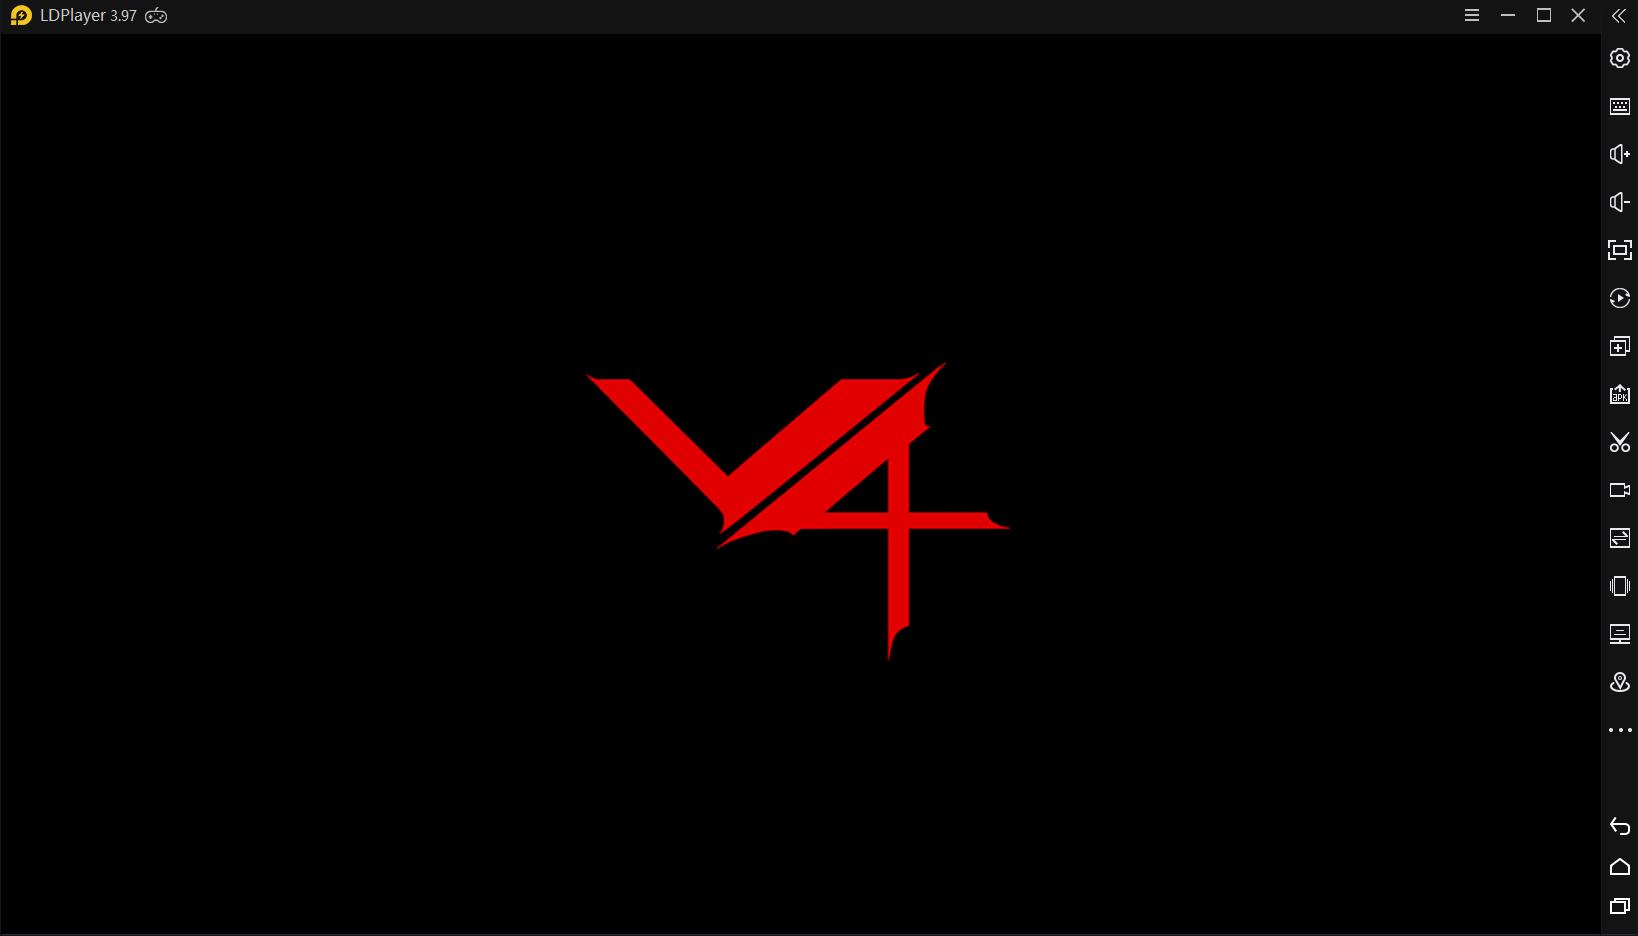 Chơi V4 trên PC: Tải xuống Trình giả lập...